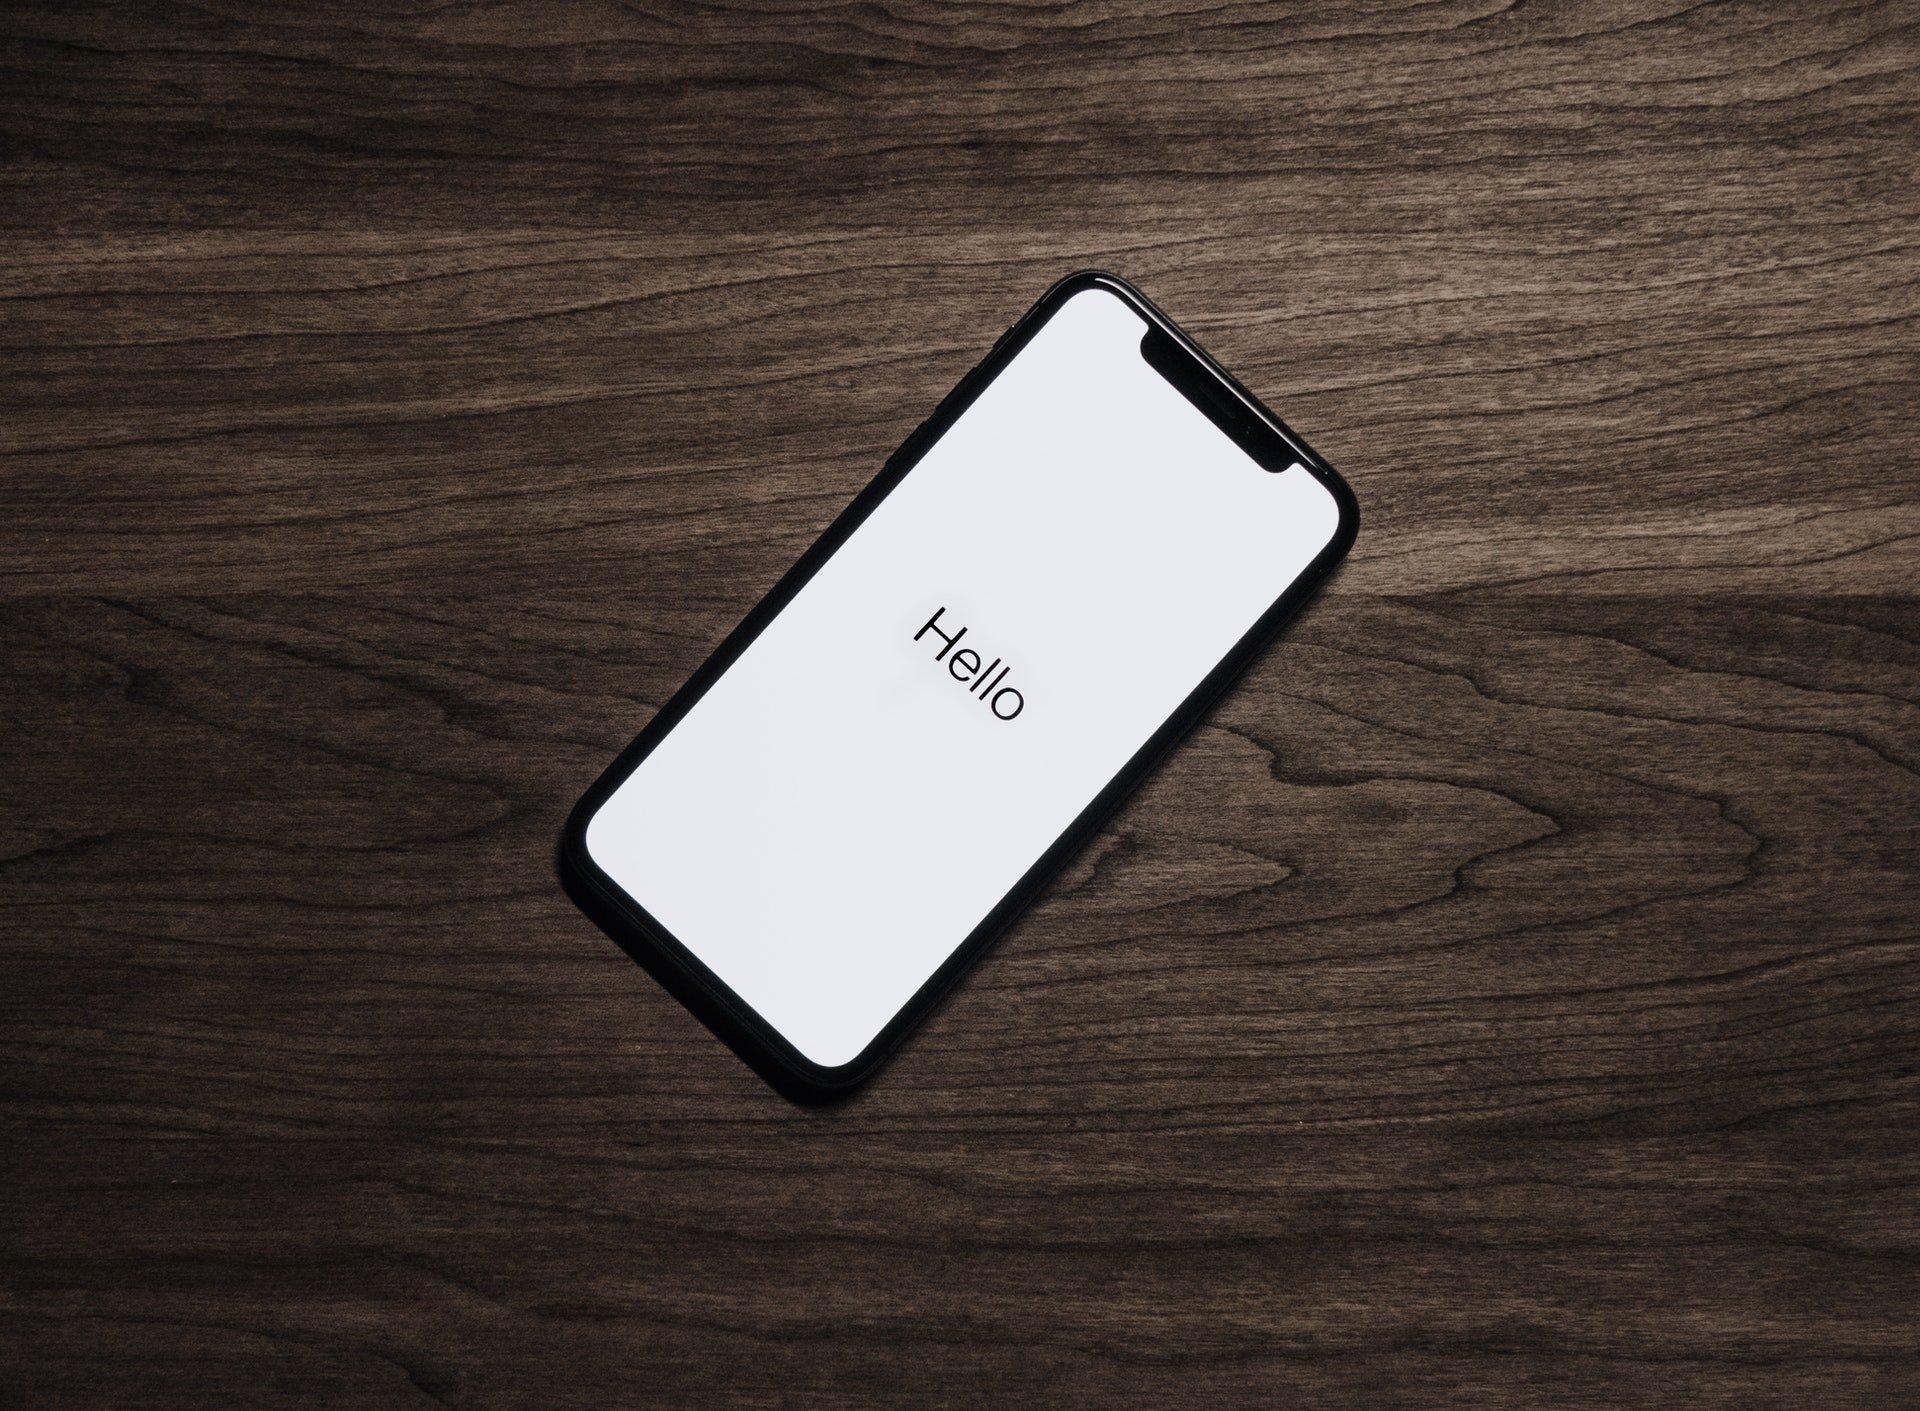 Susah Lepas Dari Ponsel? Ini Bahaya Penggunaannya Yang Harus Diwaspadai